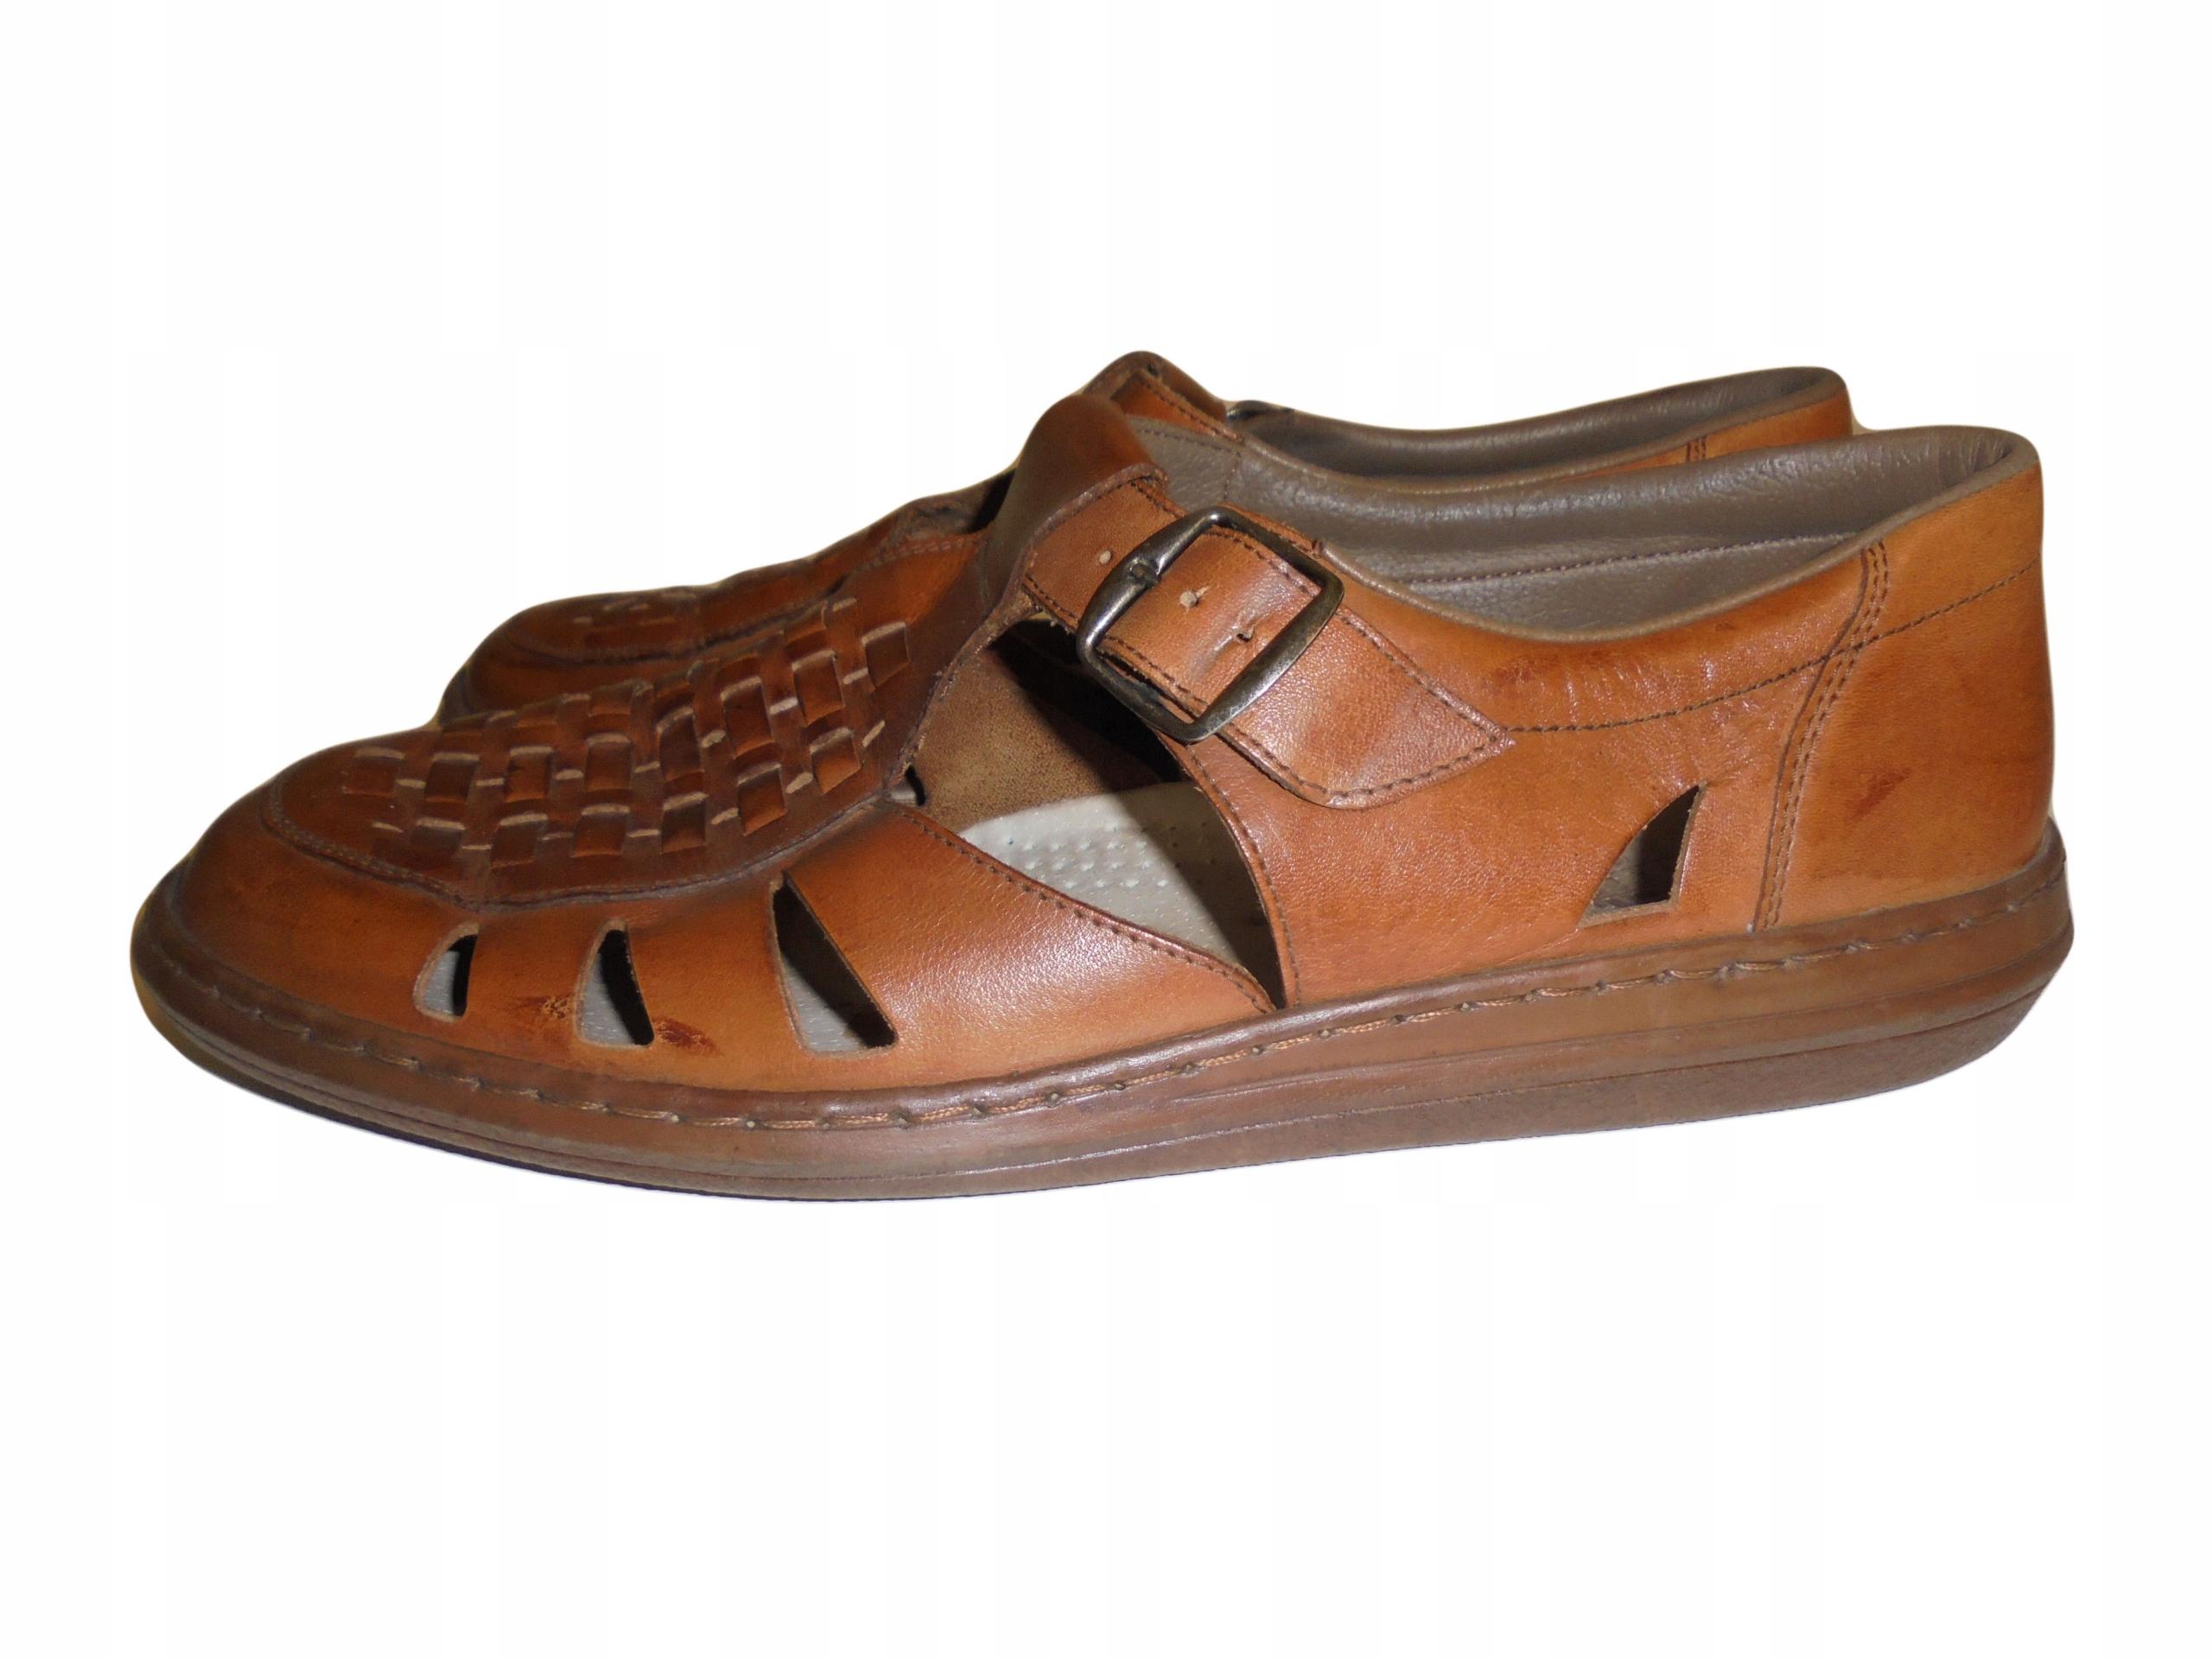 Skórzane buty Rieker. Stan idealny. Rozmiar 45.